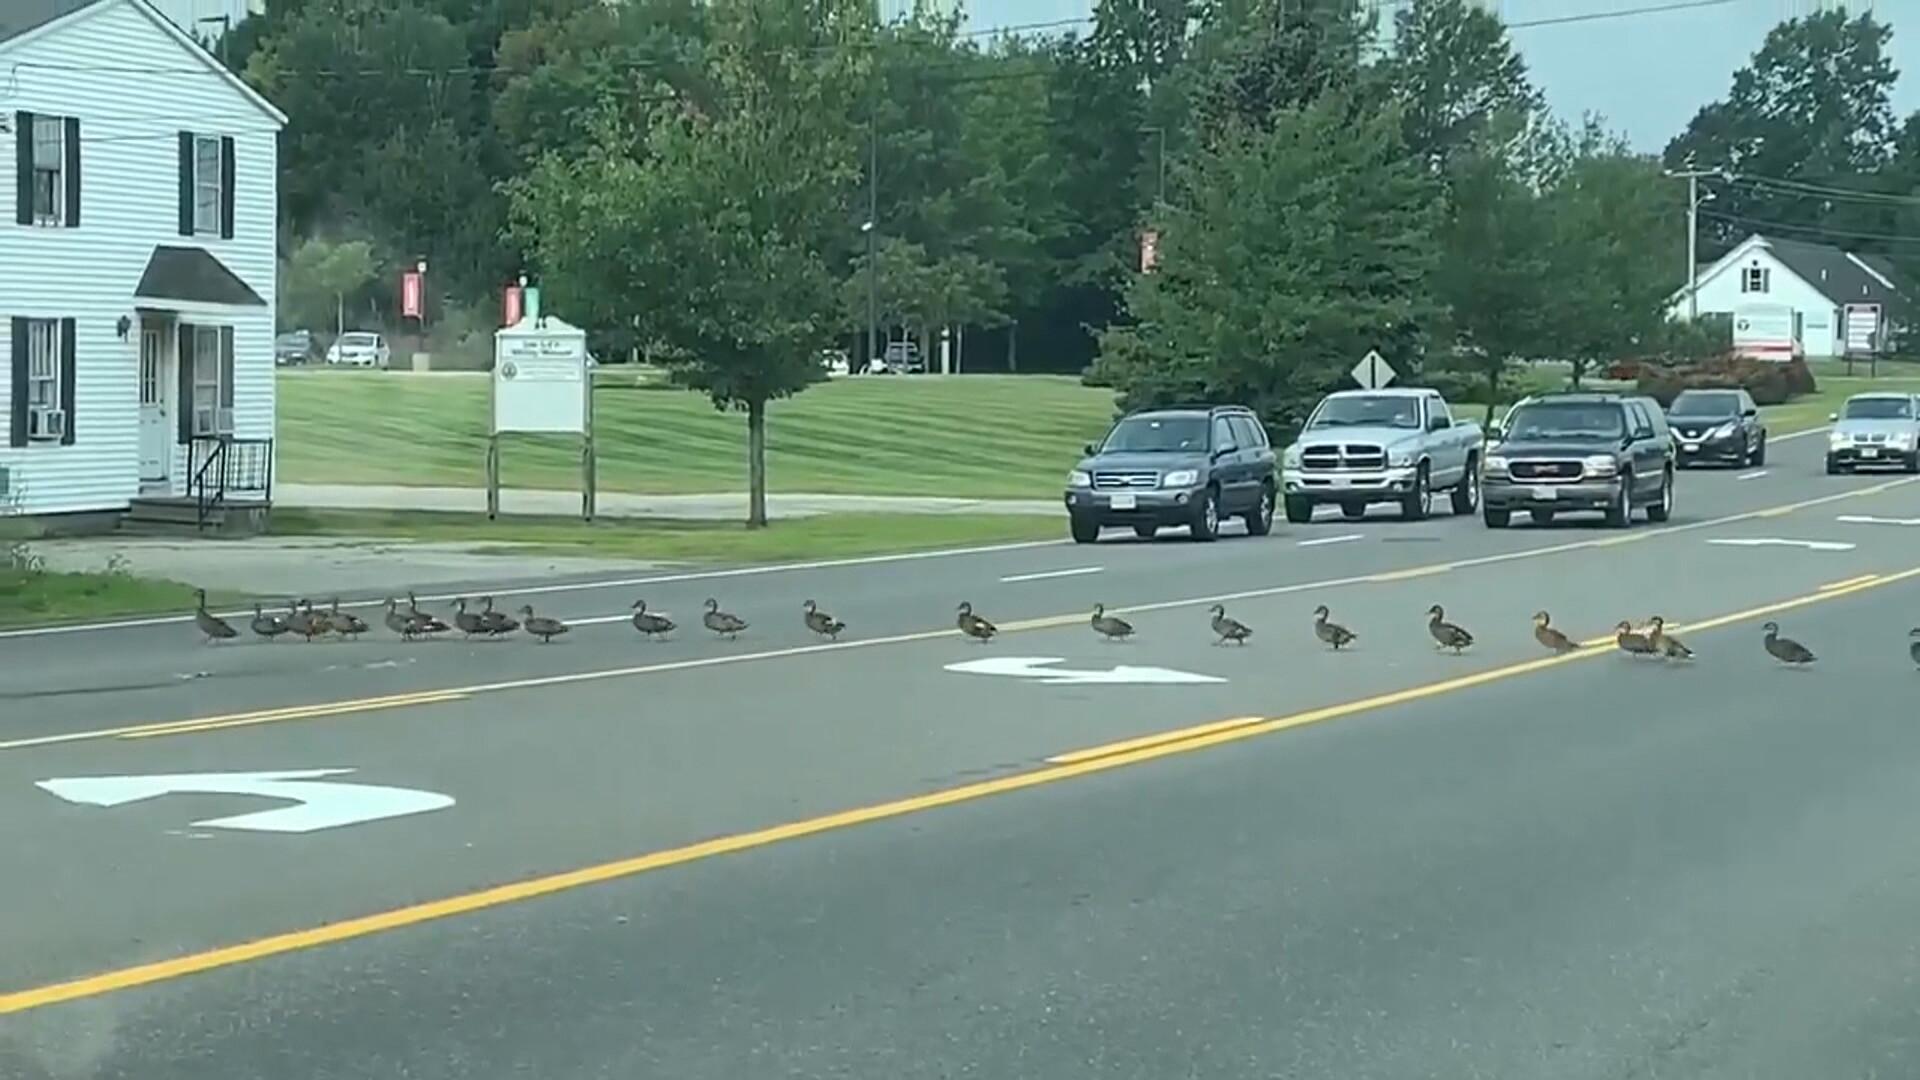 Des automobilistes laissent passer 45 canards sur une grande route des États-Unis